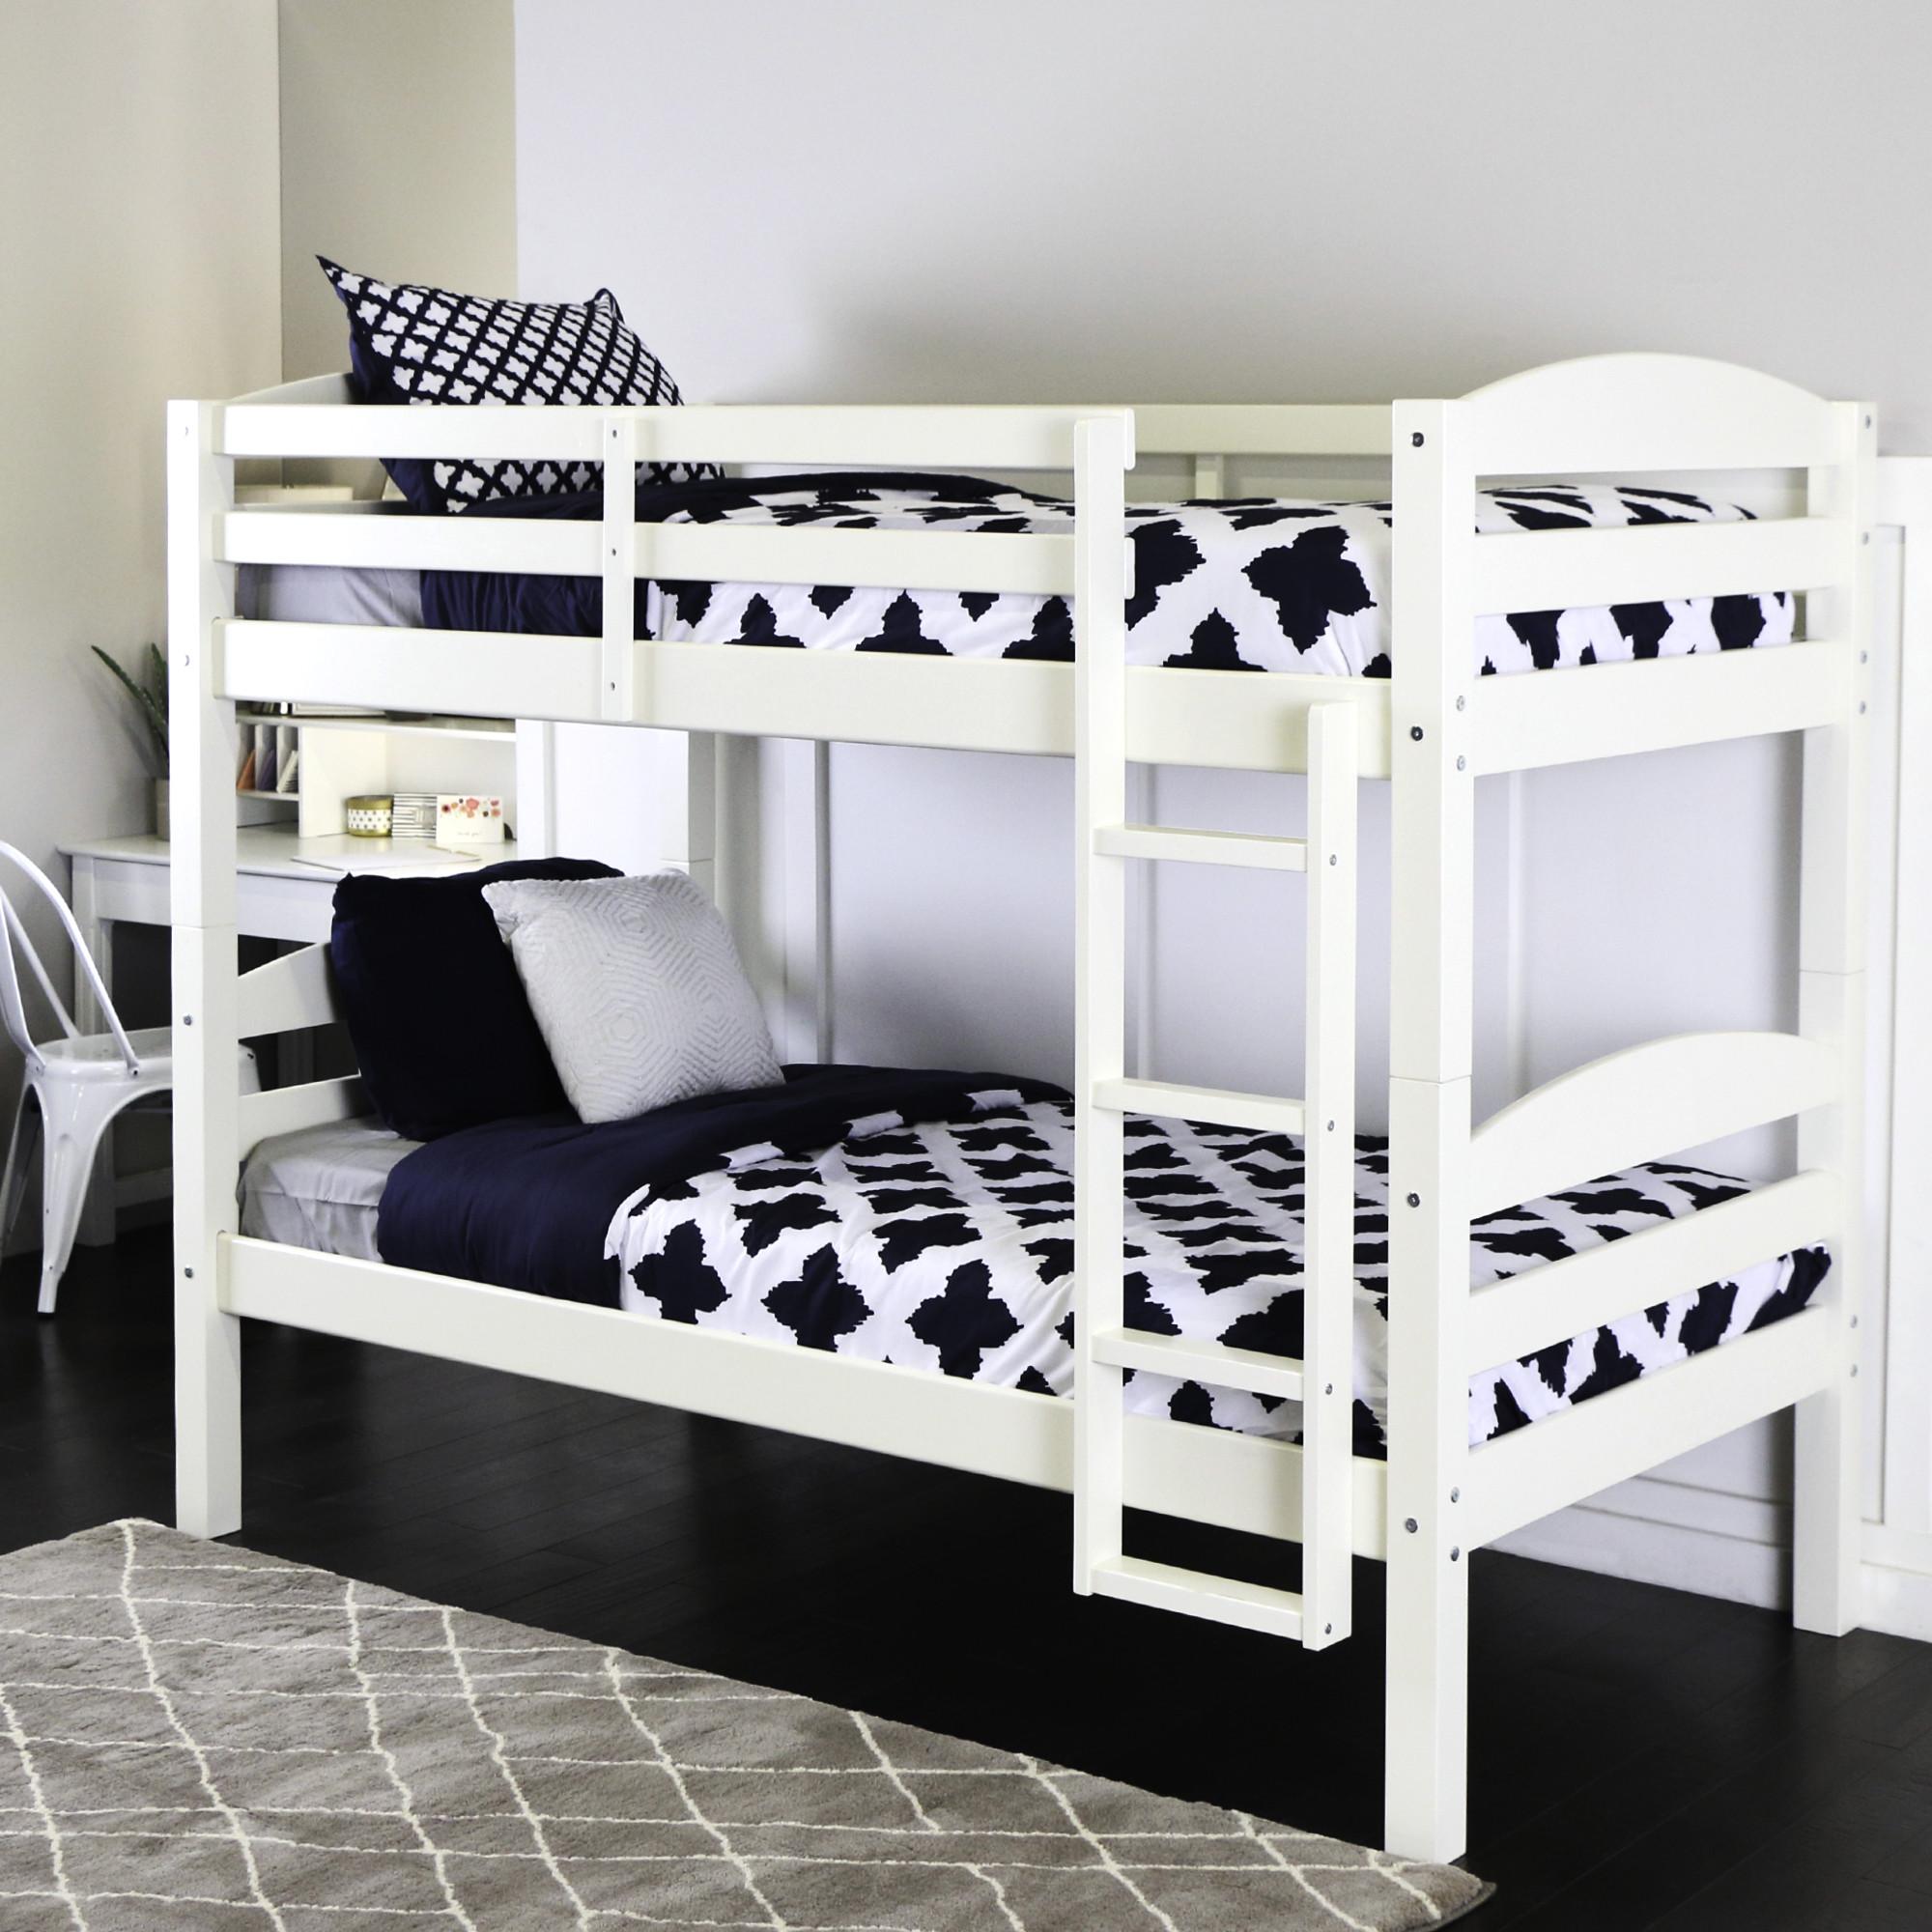 белая двухъярусная кровать фото него вторые сутки